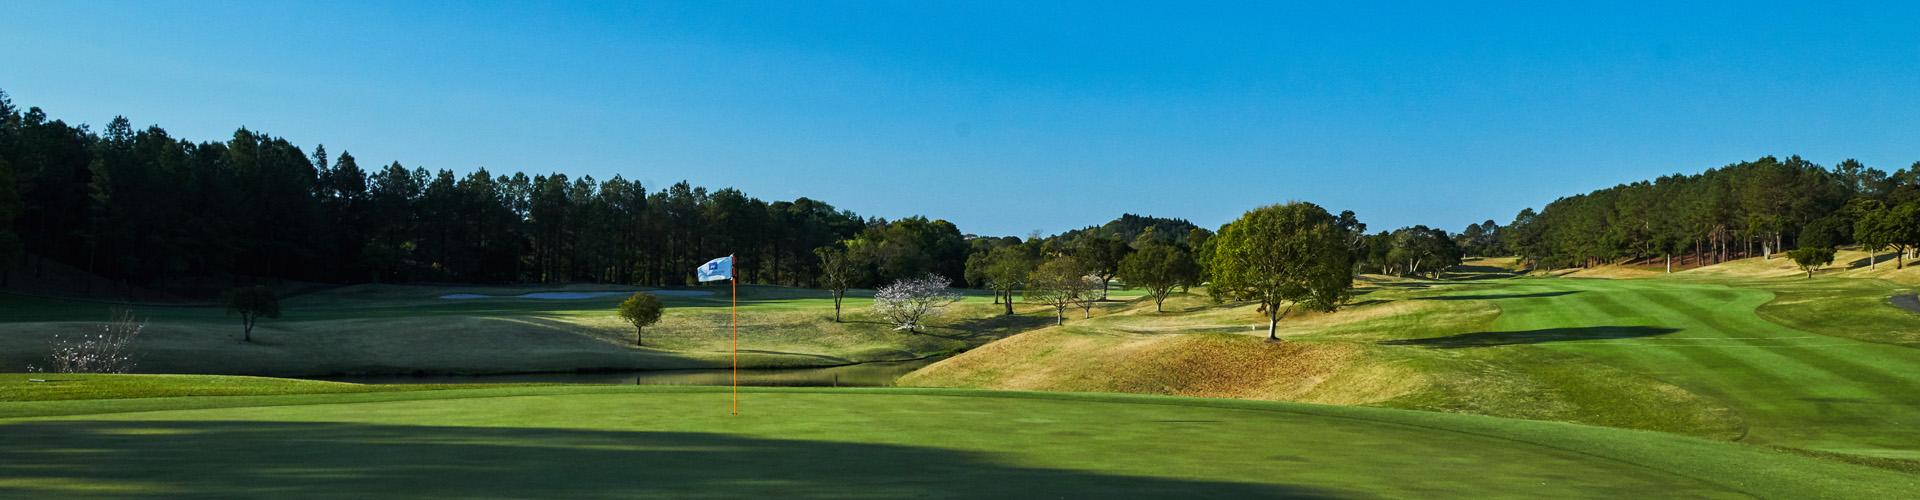 第8回アクサレディスゴルフトーナメントin MIYAZAKI「開催中止」の決定について